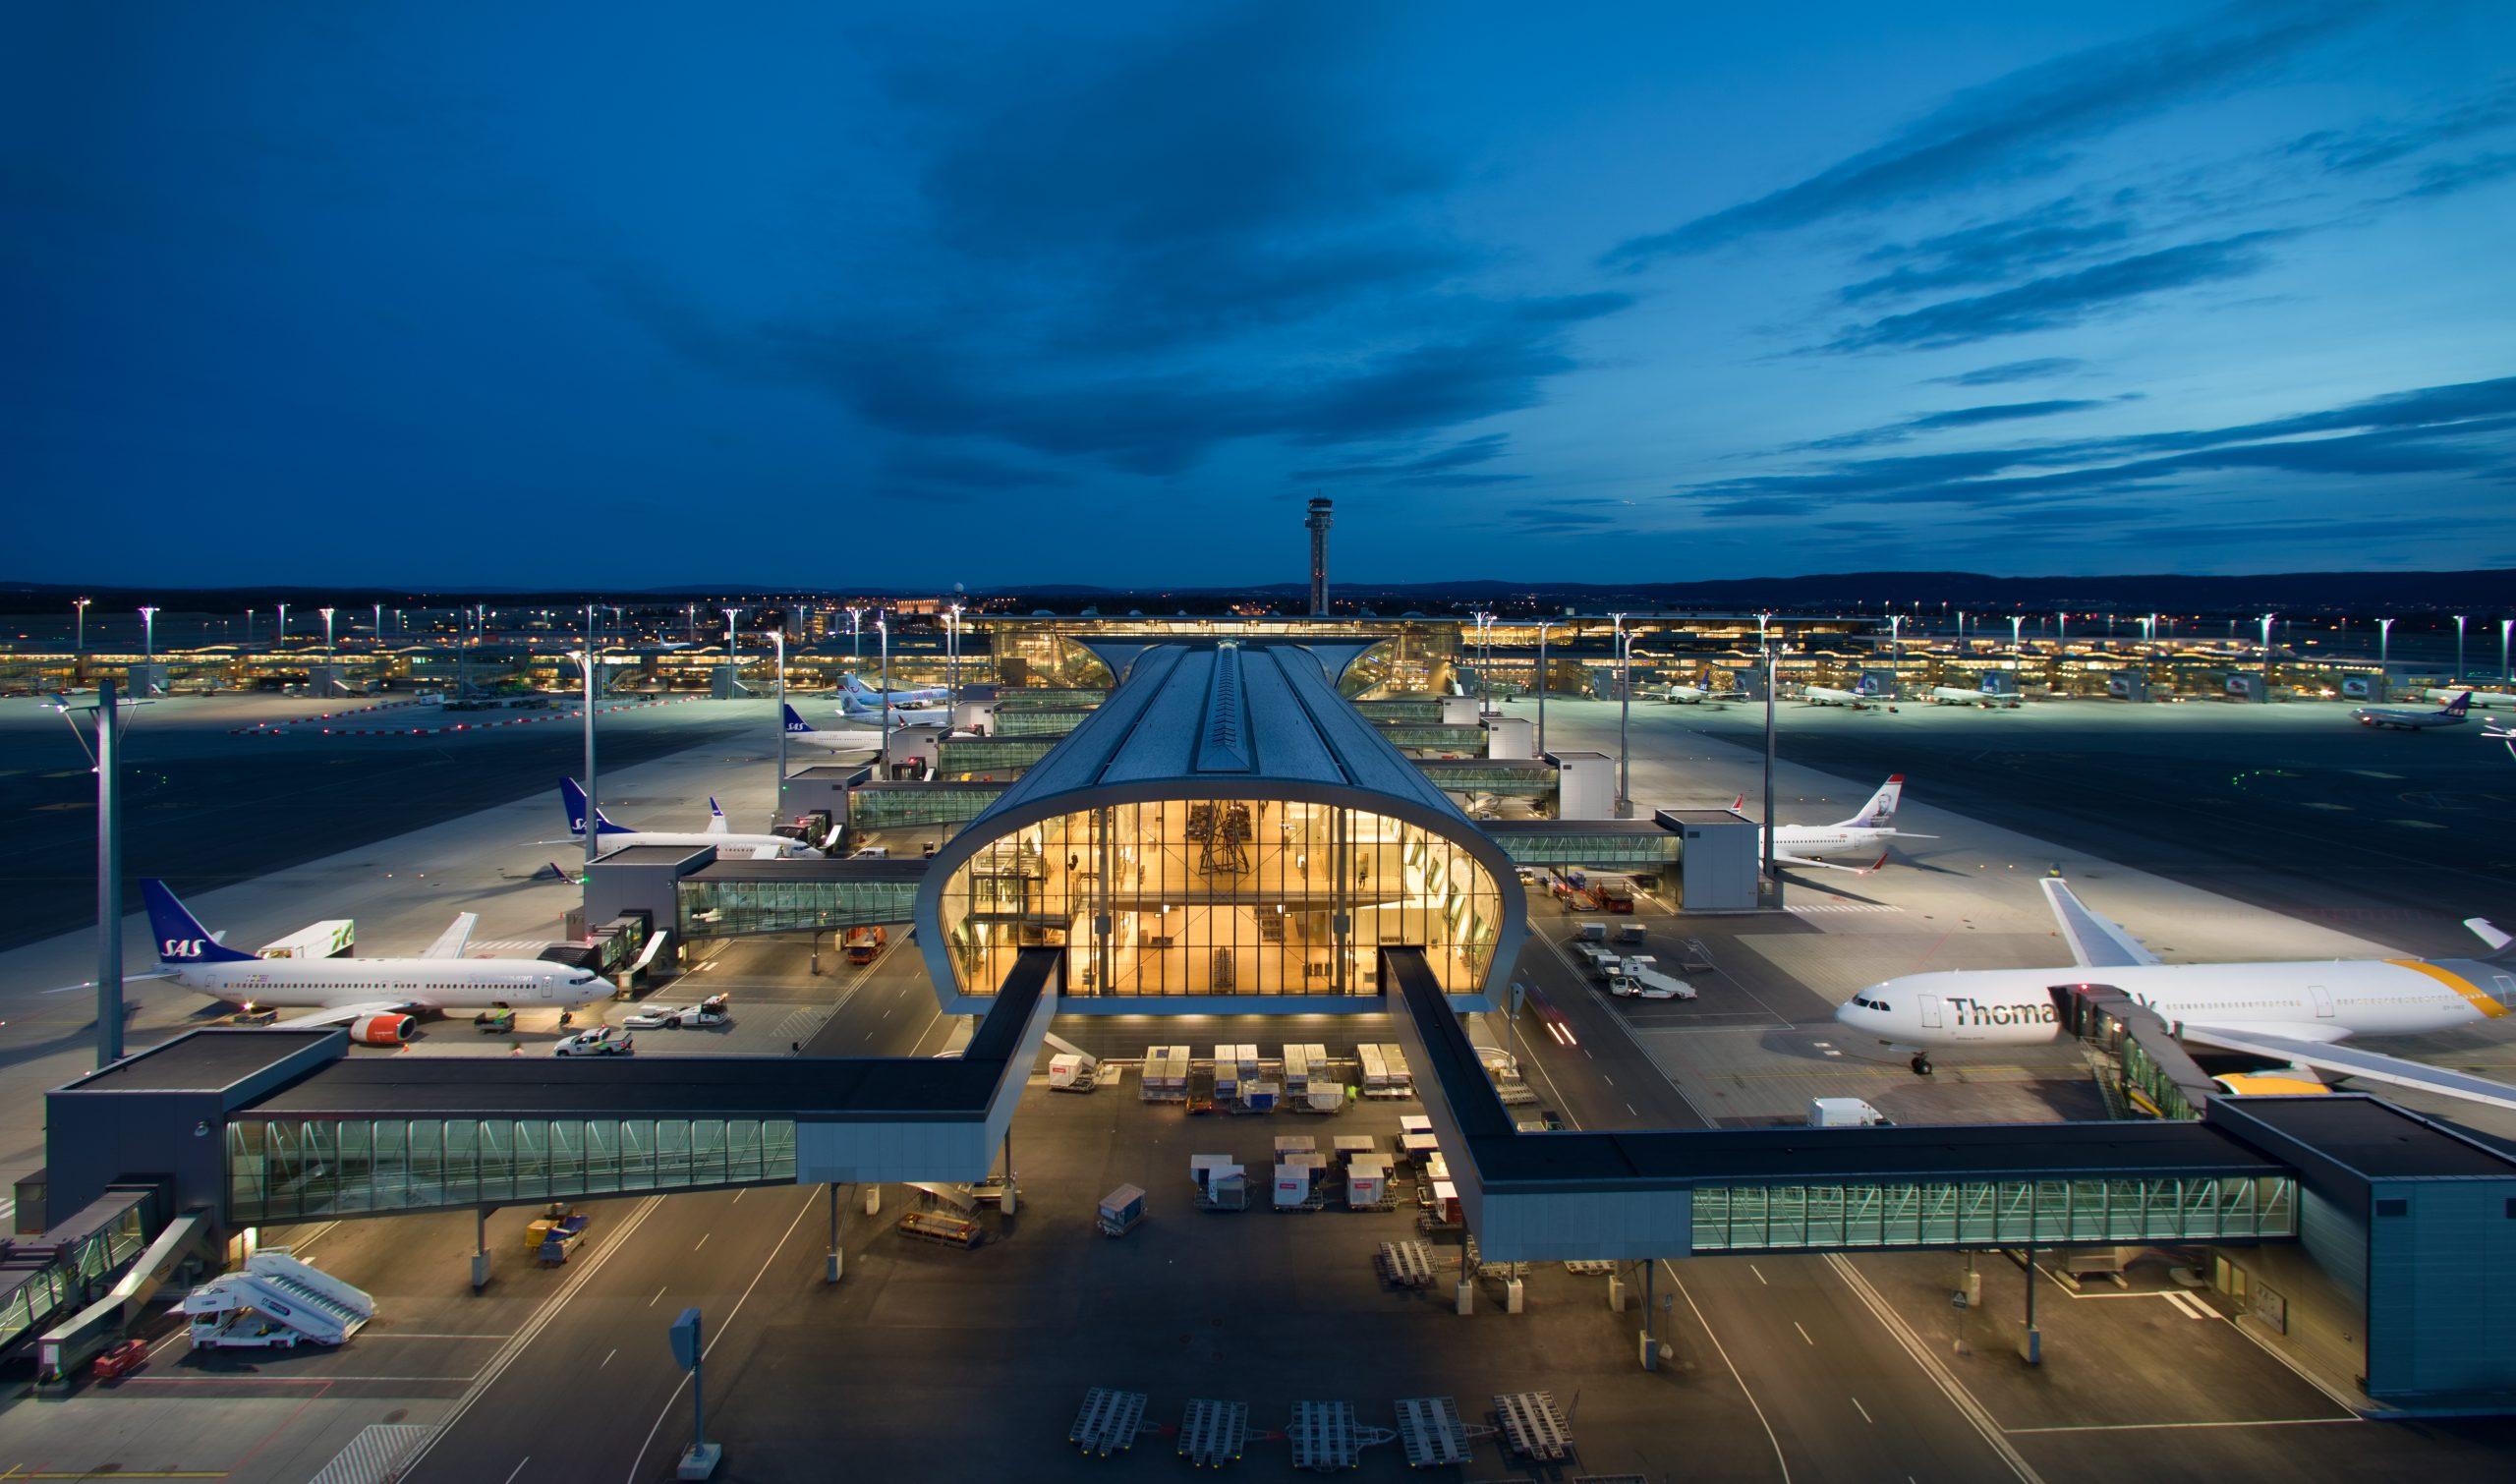 Pier Nord i Oslo Lufthavn. Foto: Espen Solli/Avinor/Oslo Lufthavn, CC 3.0